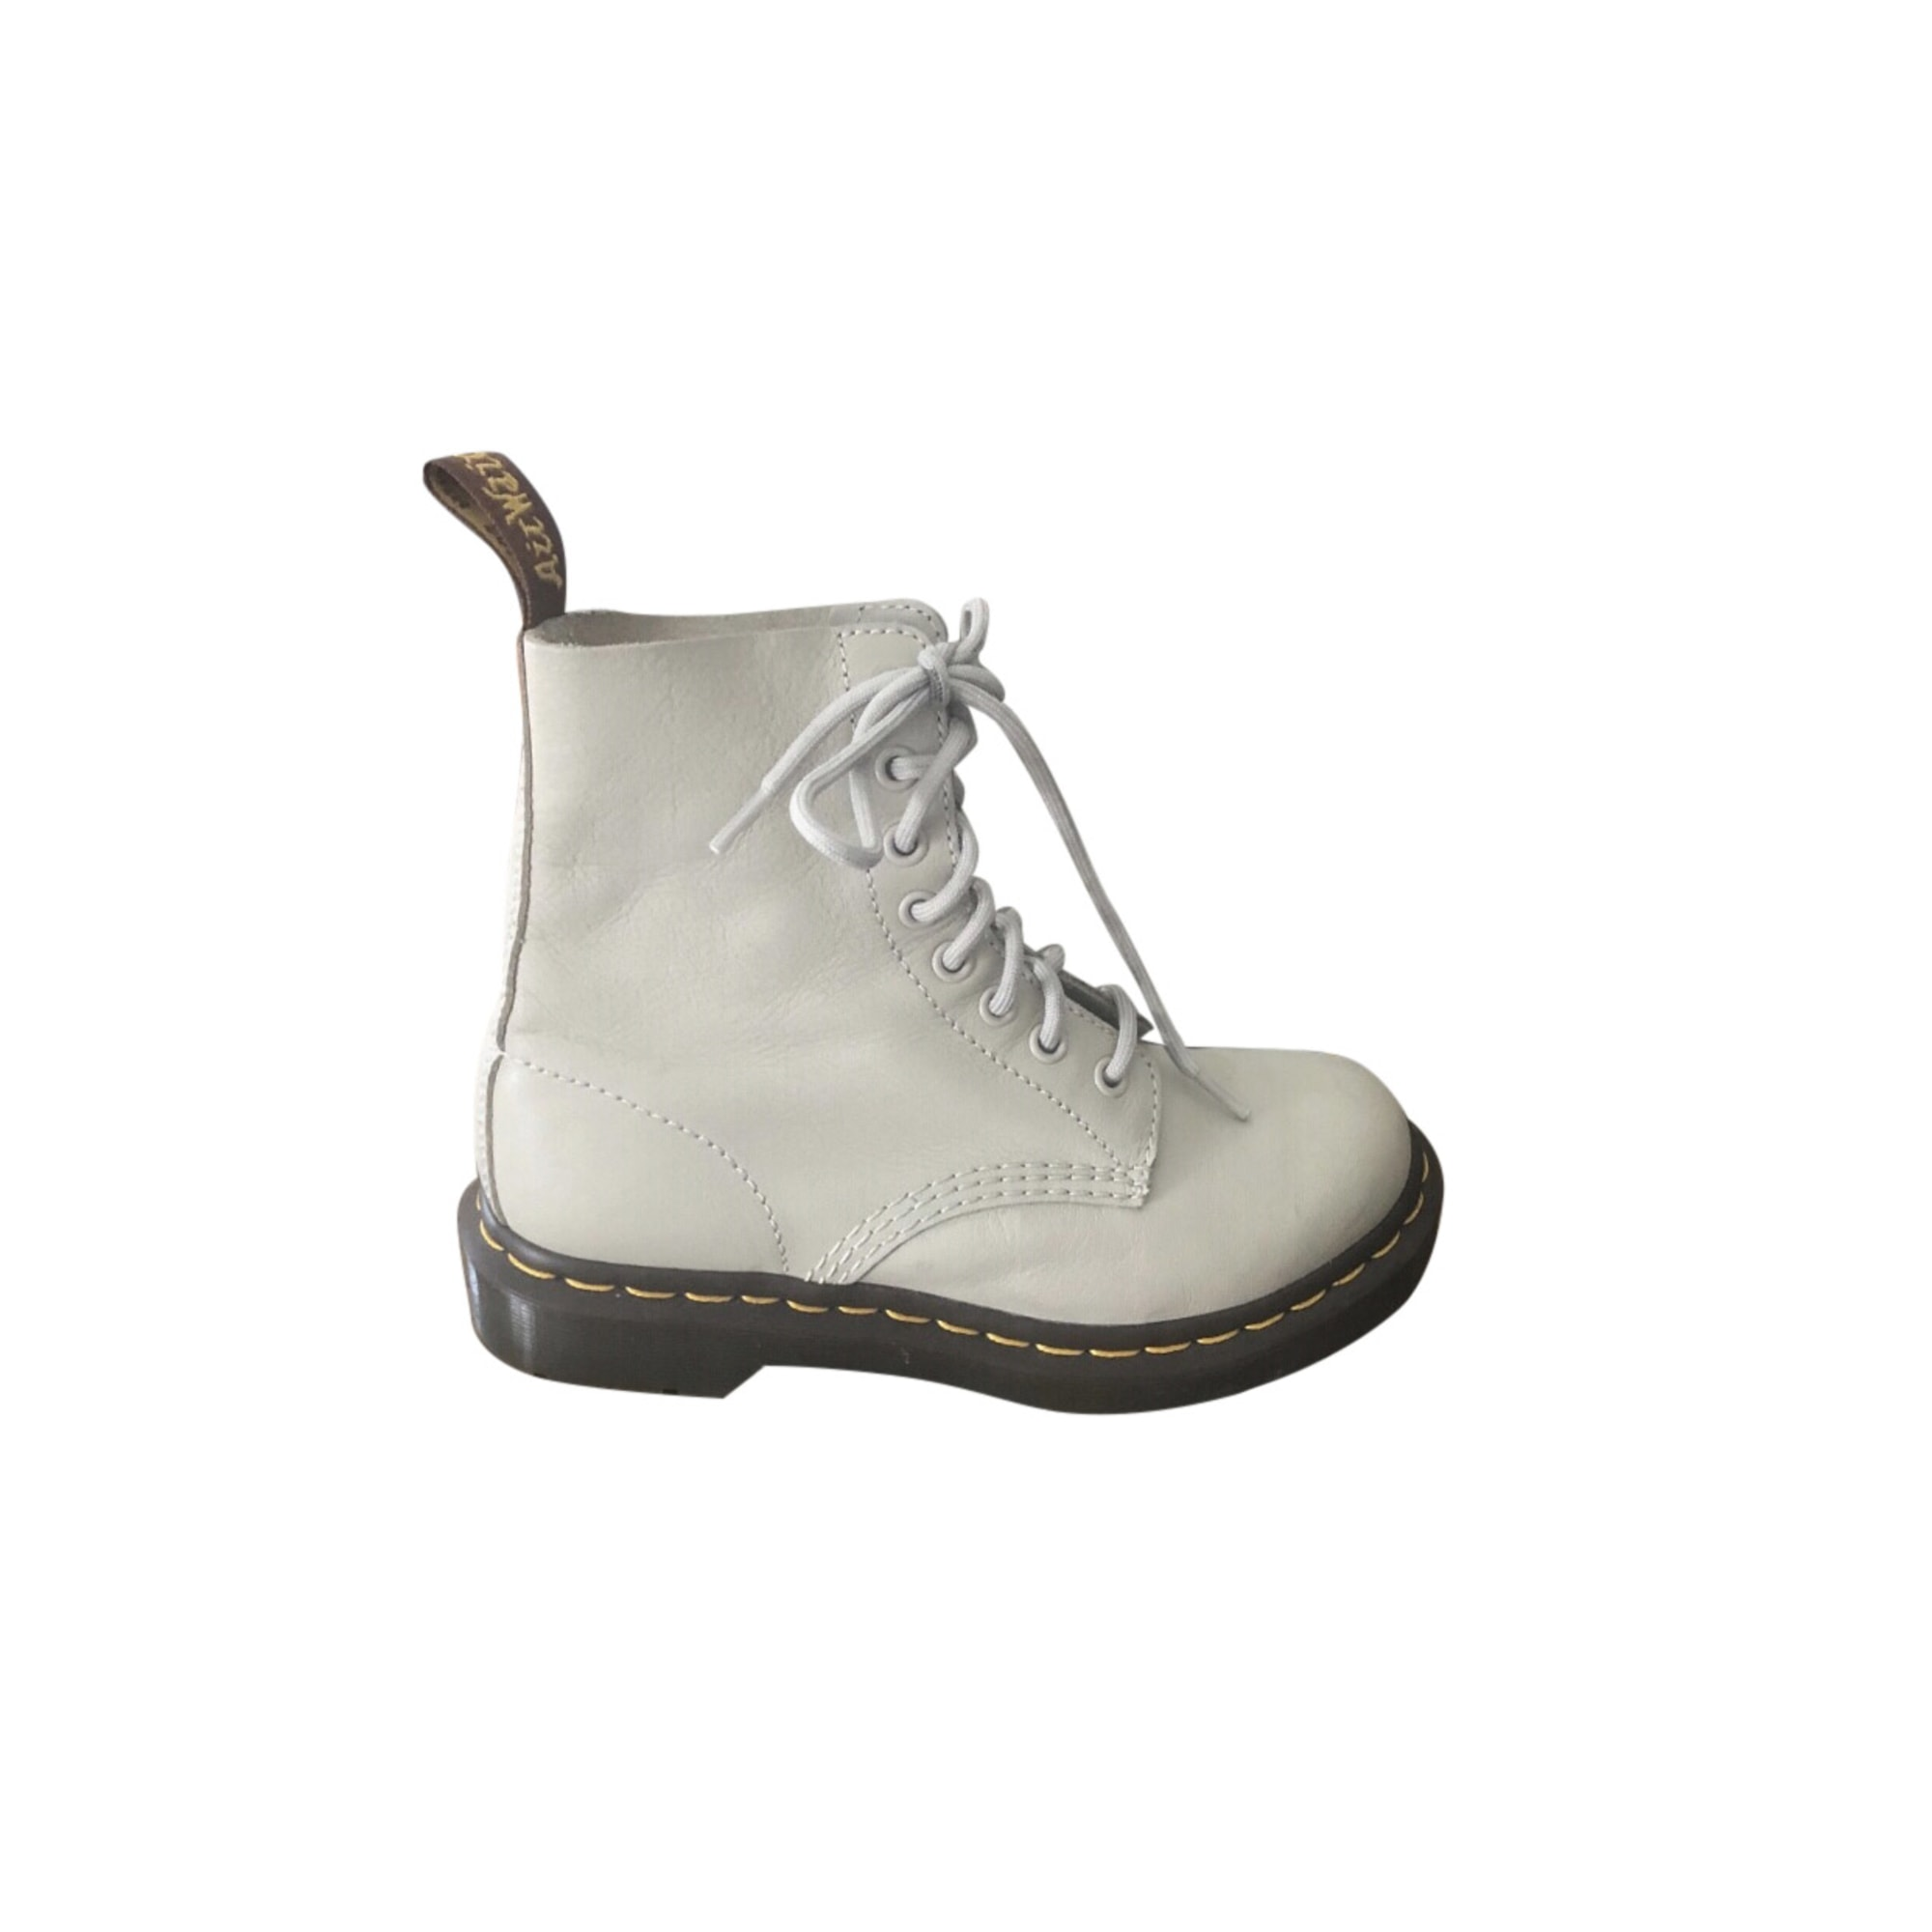 Bottines & low boots motards DR. MARTENS Blanc, blanc cassé, écru